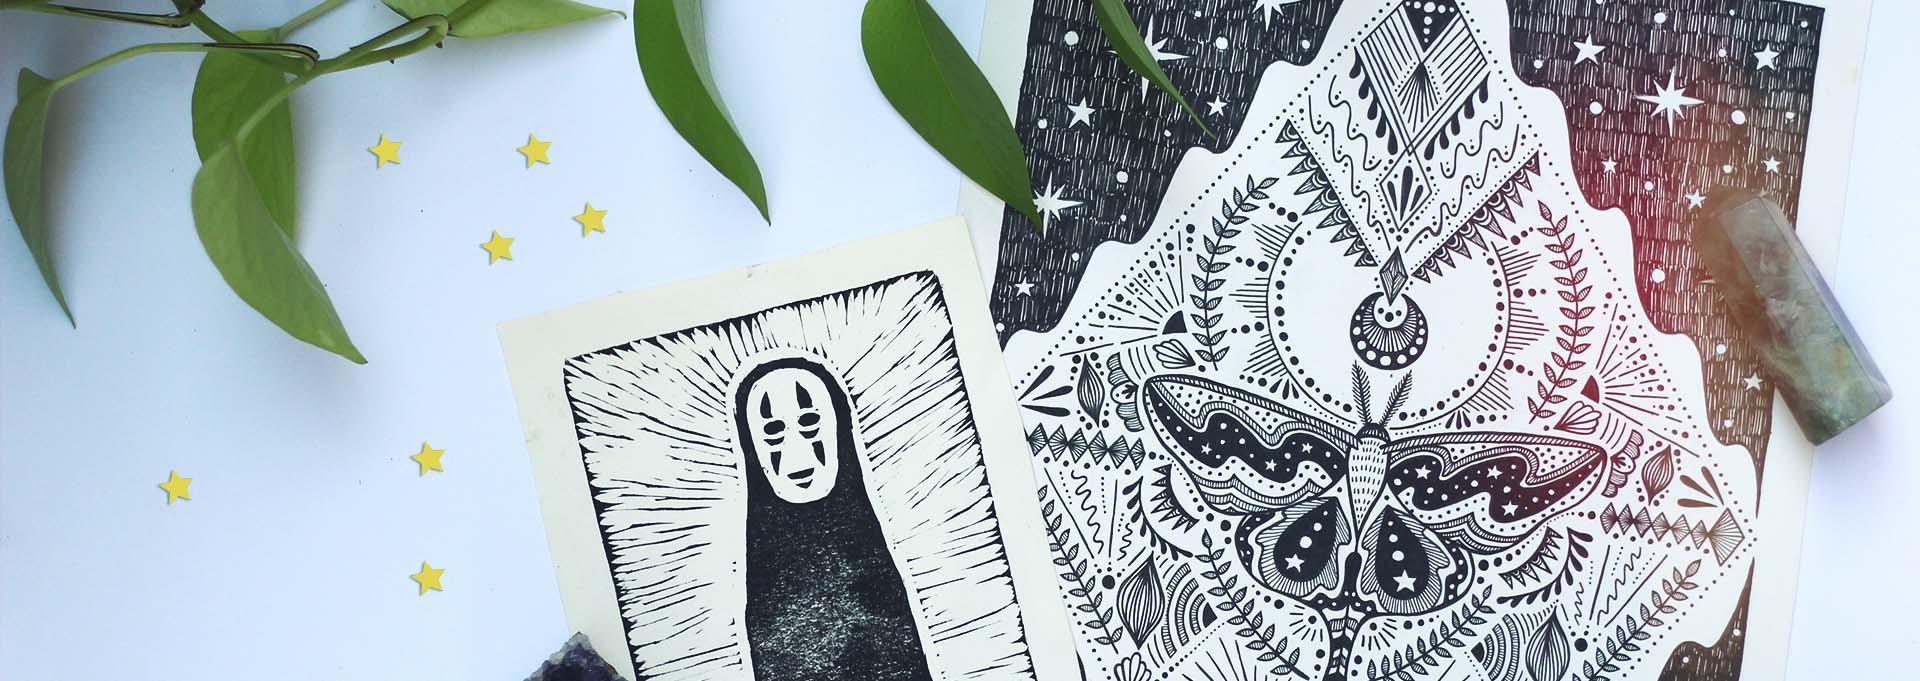 no-face_luna-moth_illustration.jpg